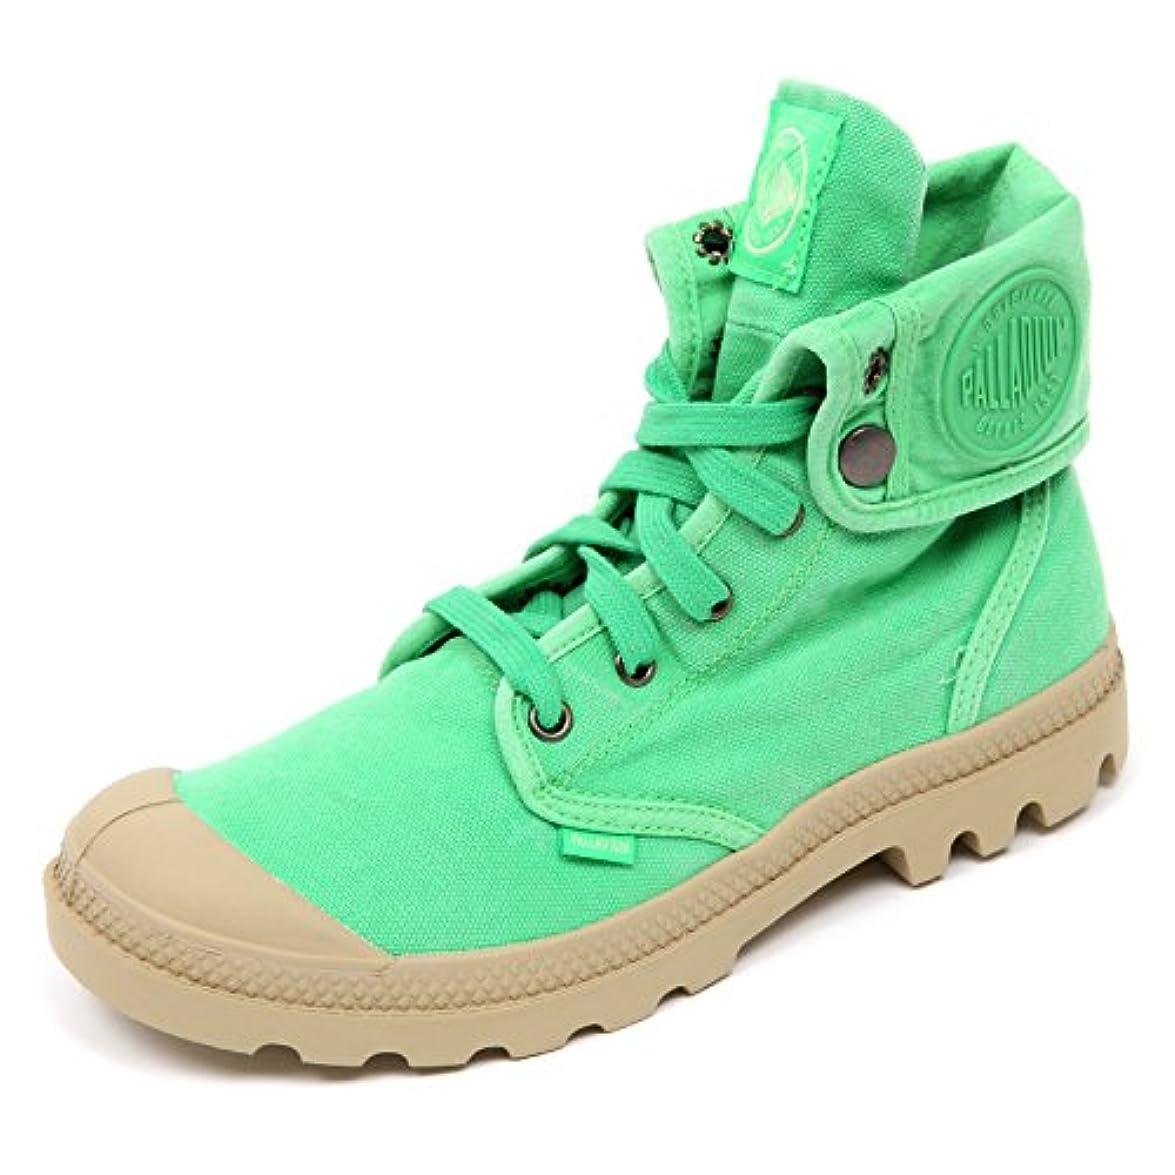 D2094 Sneaker Donna Palladium Baggy Scarpe Verde Vintage Shoe Woman